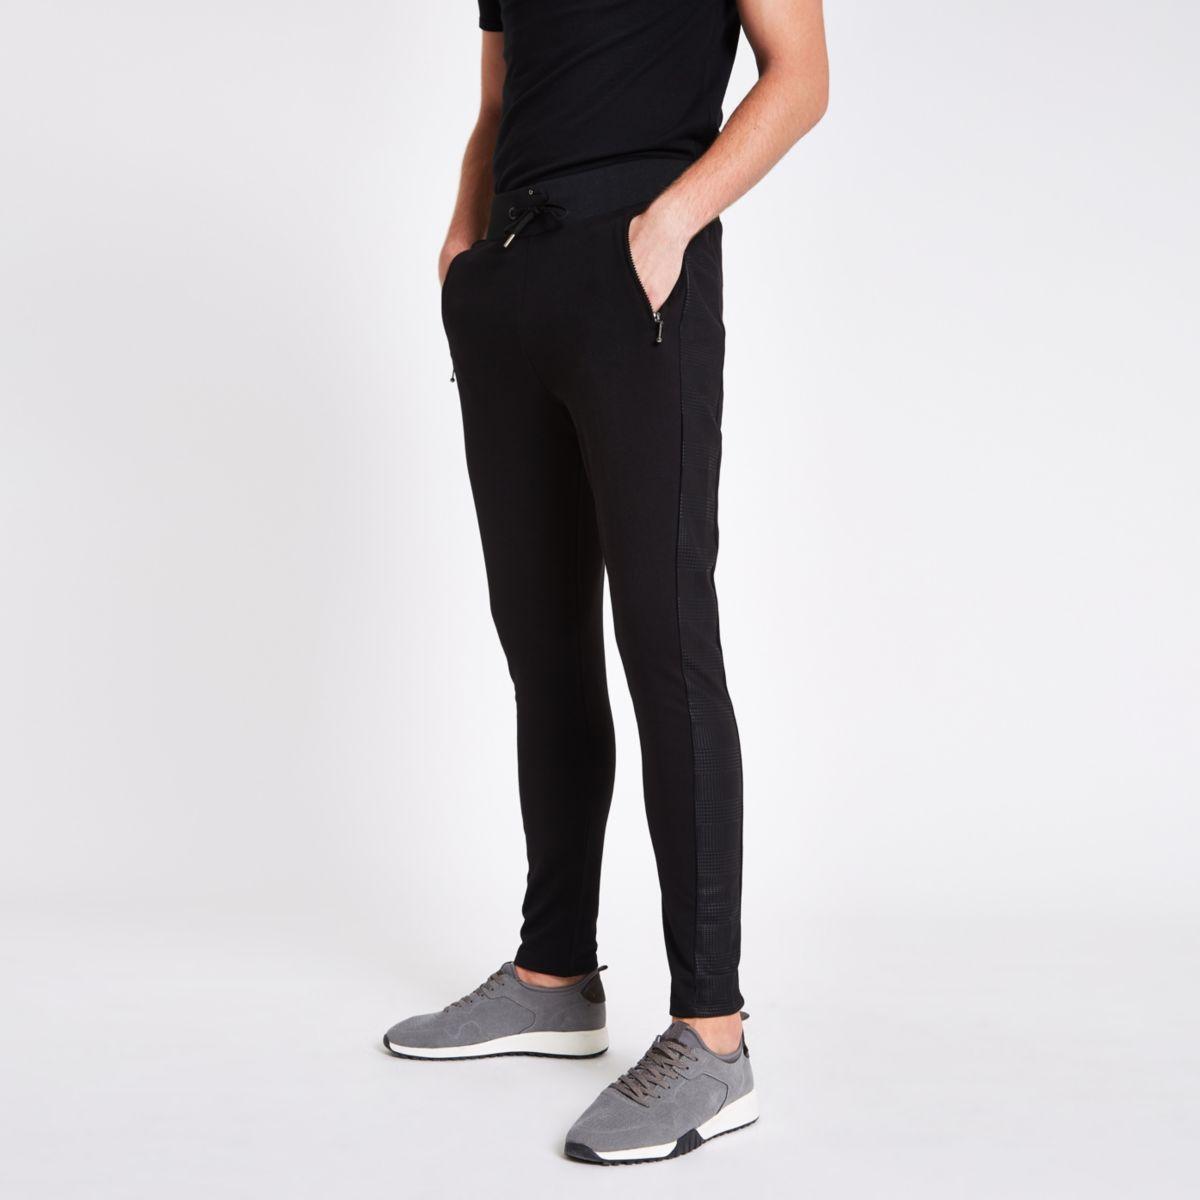 Slim Fit Joggingbroek Heren.Zwarte Geruite Slim Fit Joggingbroek Met Paneel Joggingbroeken Heren